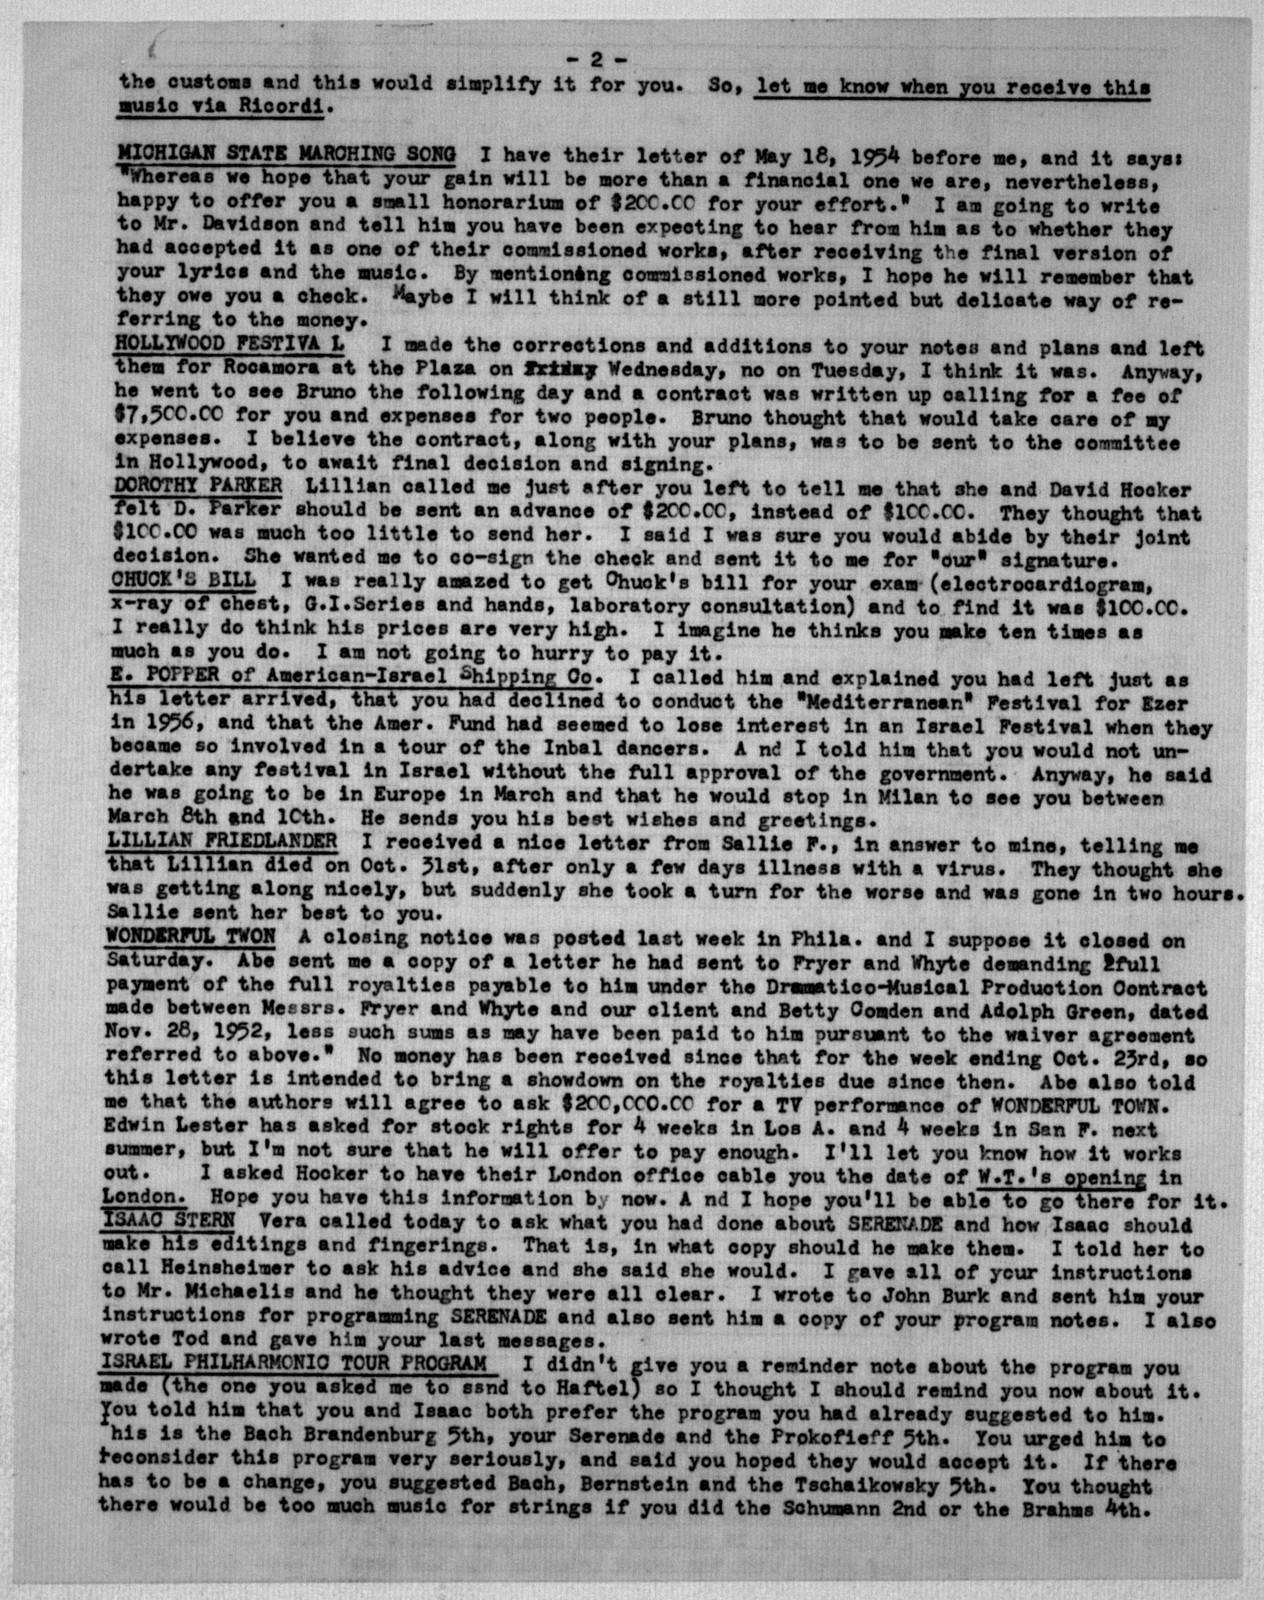 Letter from Helen Coates to Leonard Bernstein, February 7, 1955